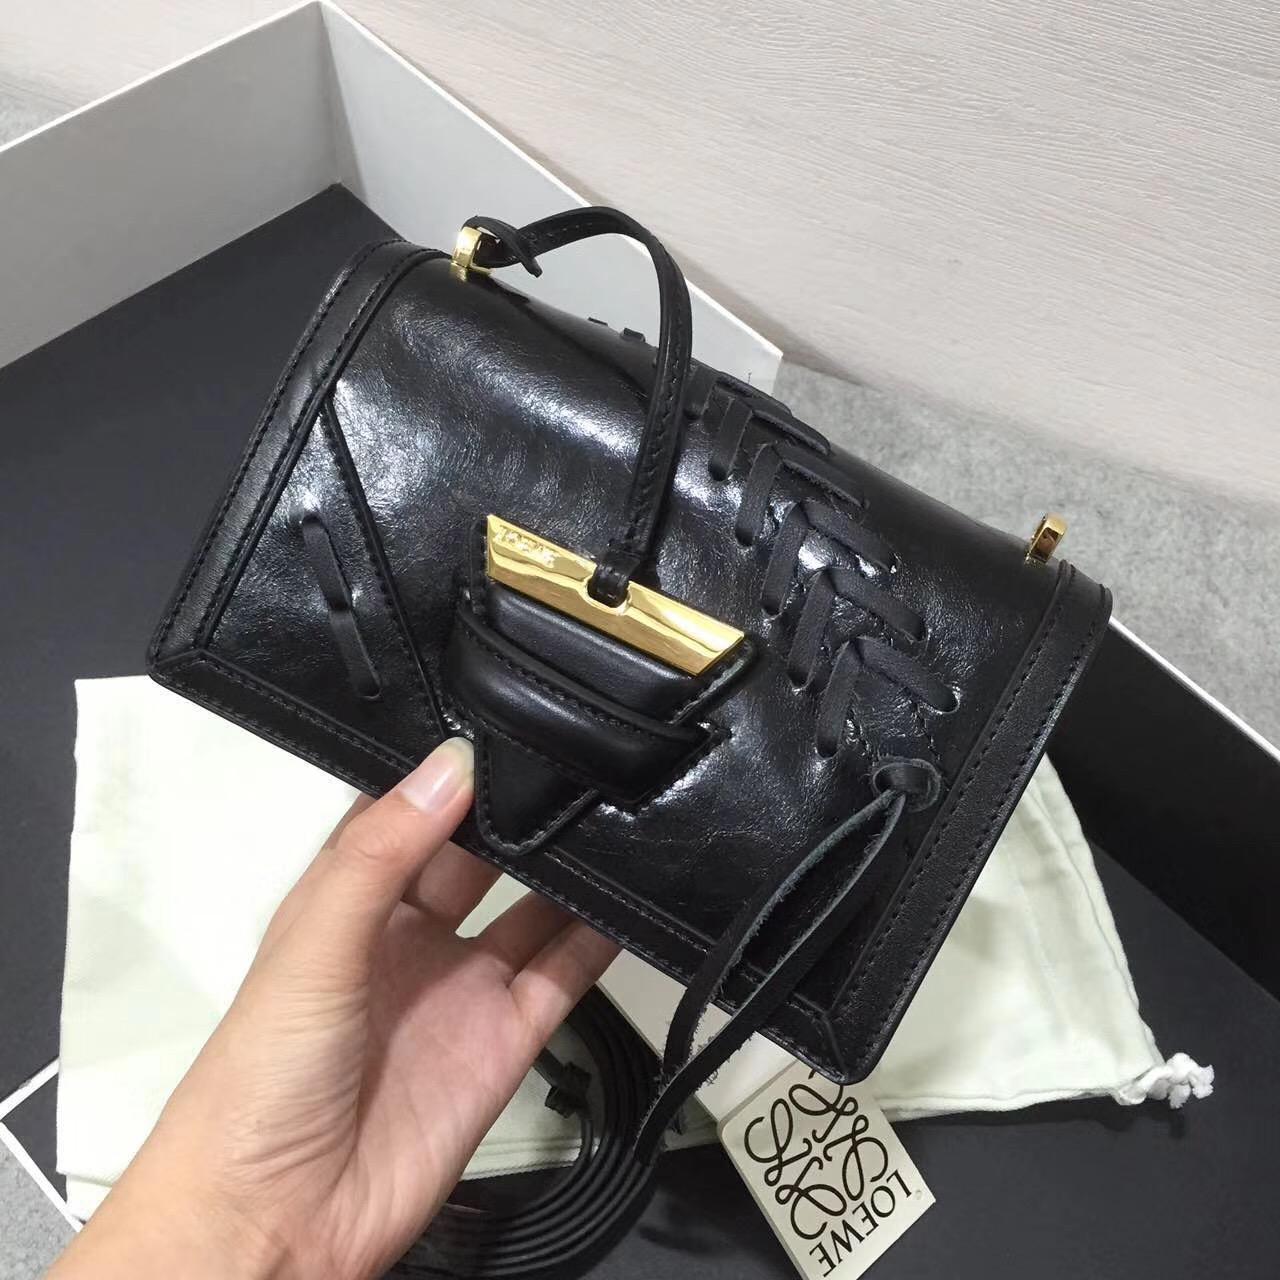 羅意威巴塞羅那包 獨特的金屬三角形扣 Barcelona Laced Small Bag 黑色